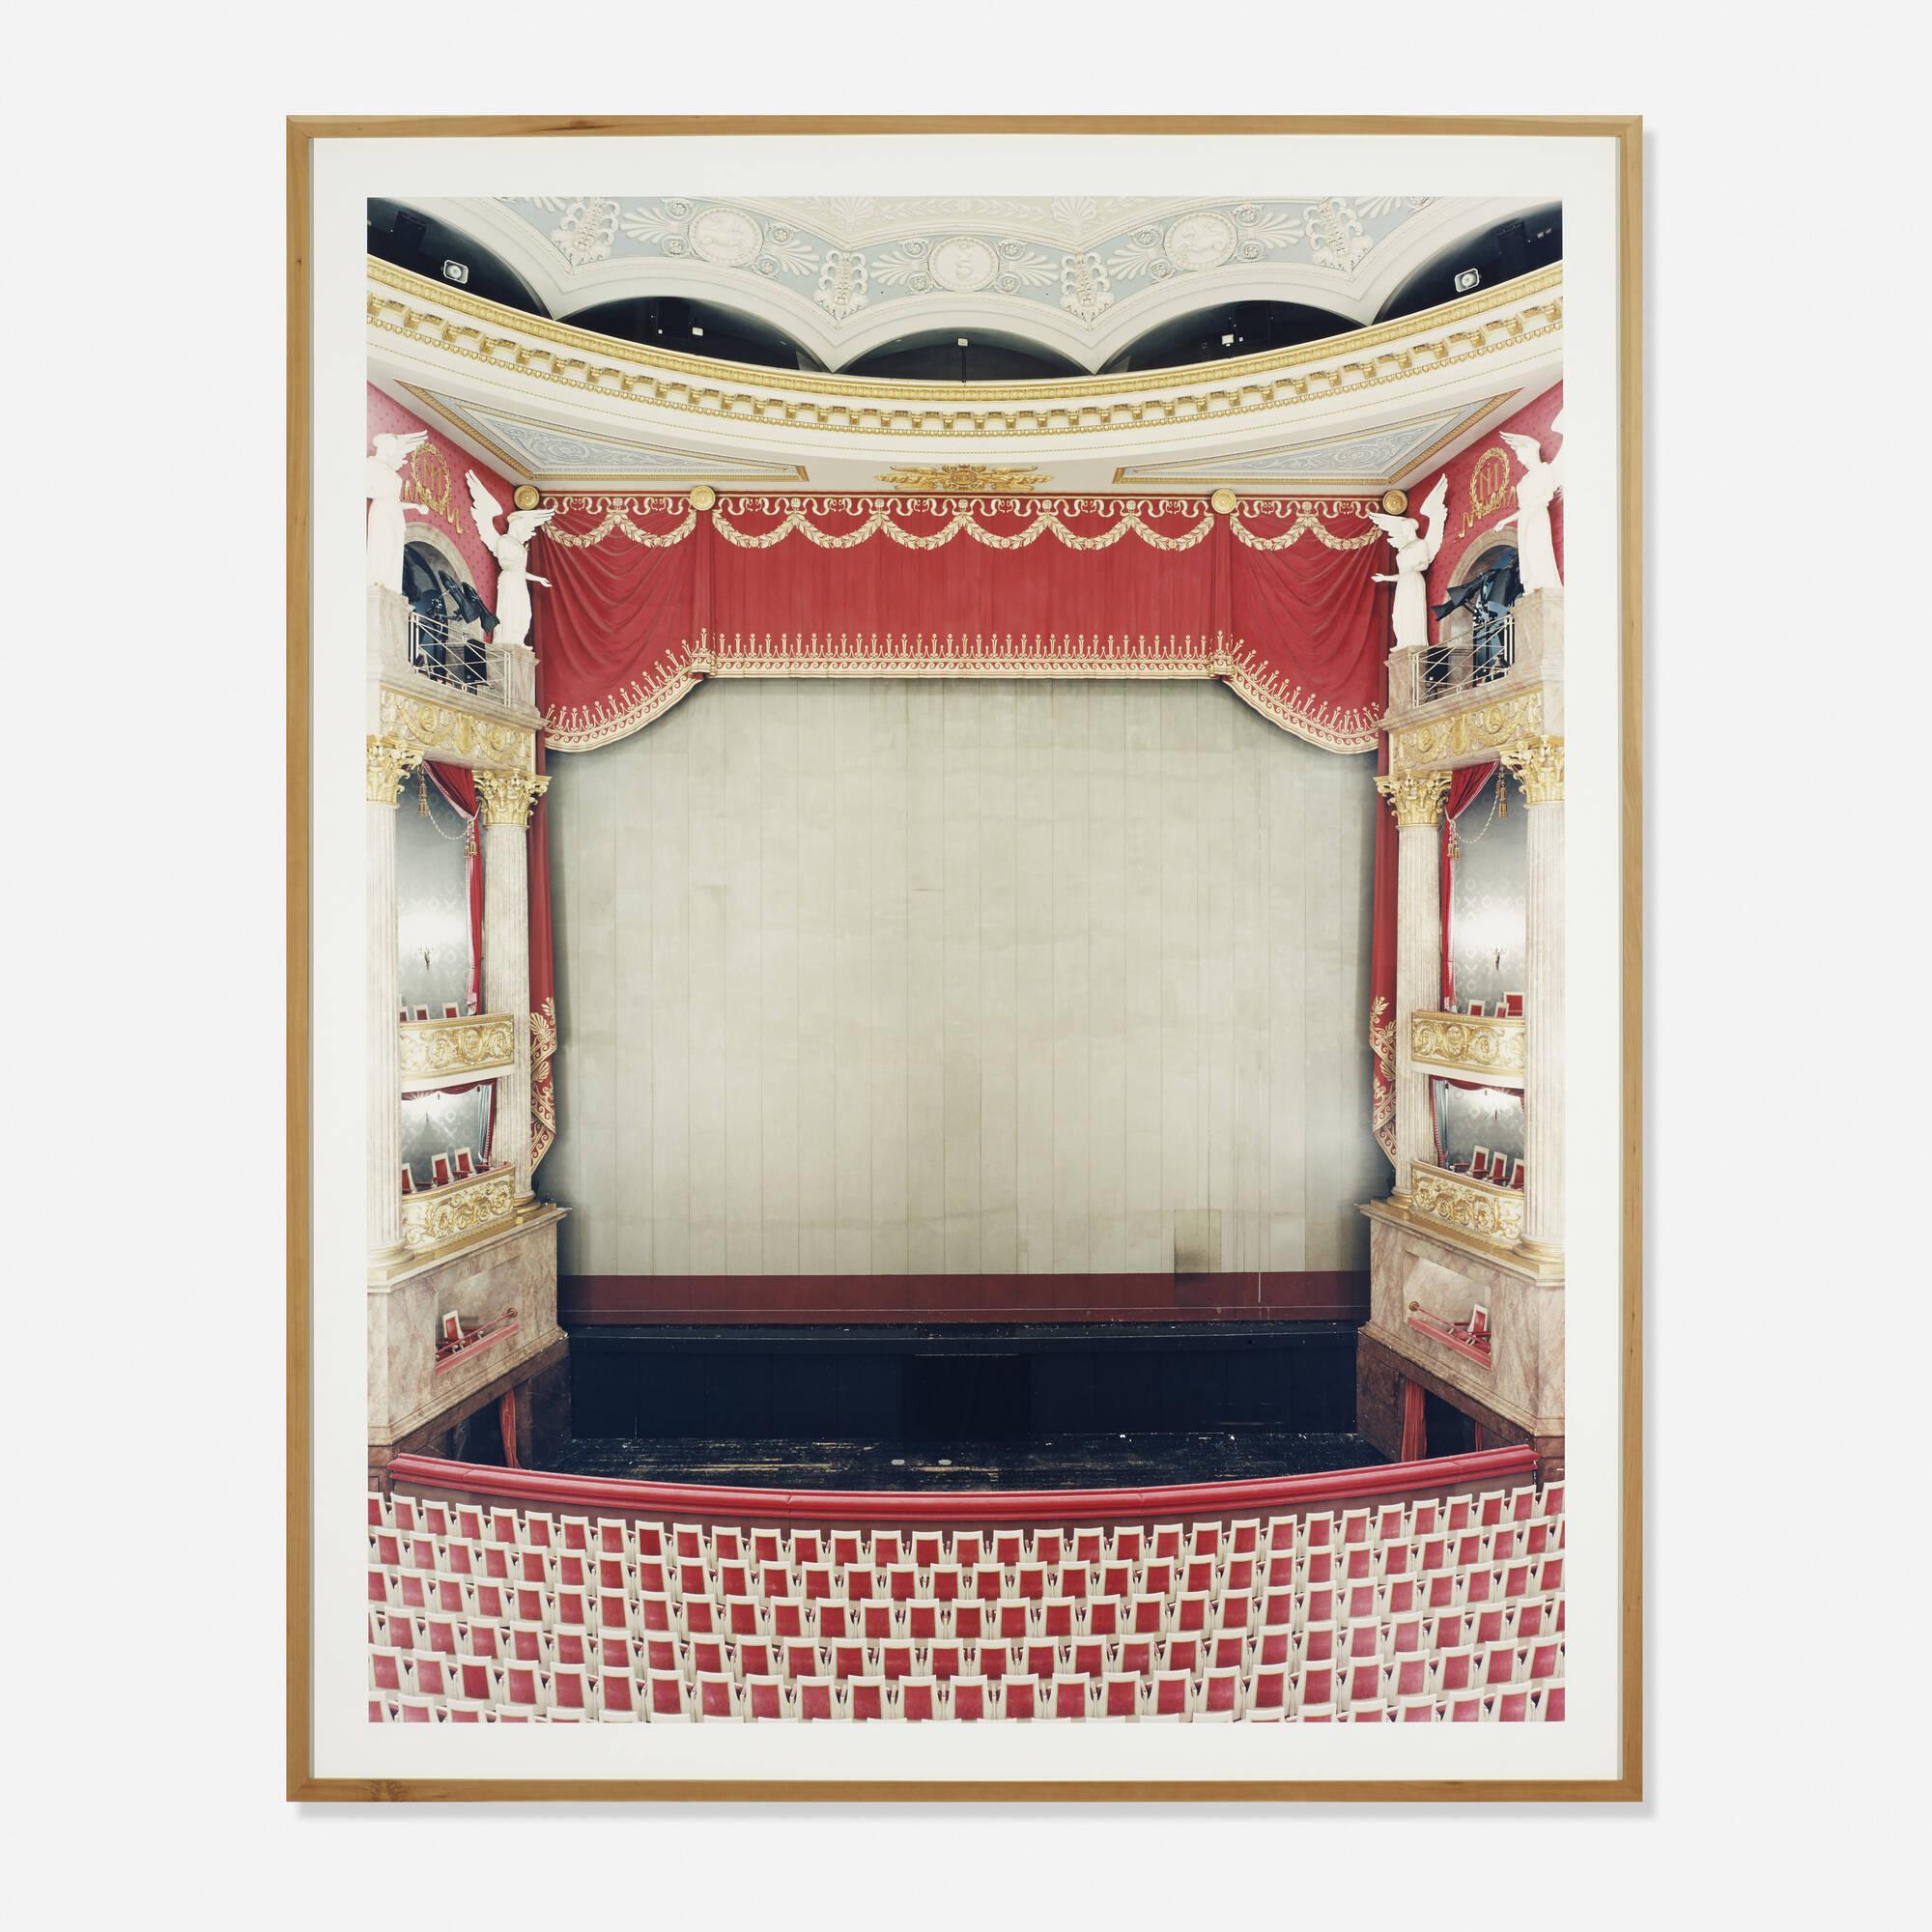 186: Candida Höfer / Bayerische Staatsoper in München II (1 of 1)